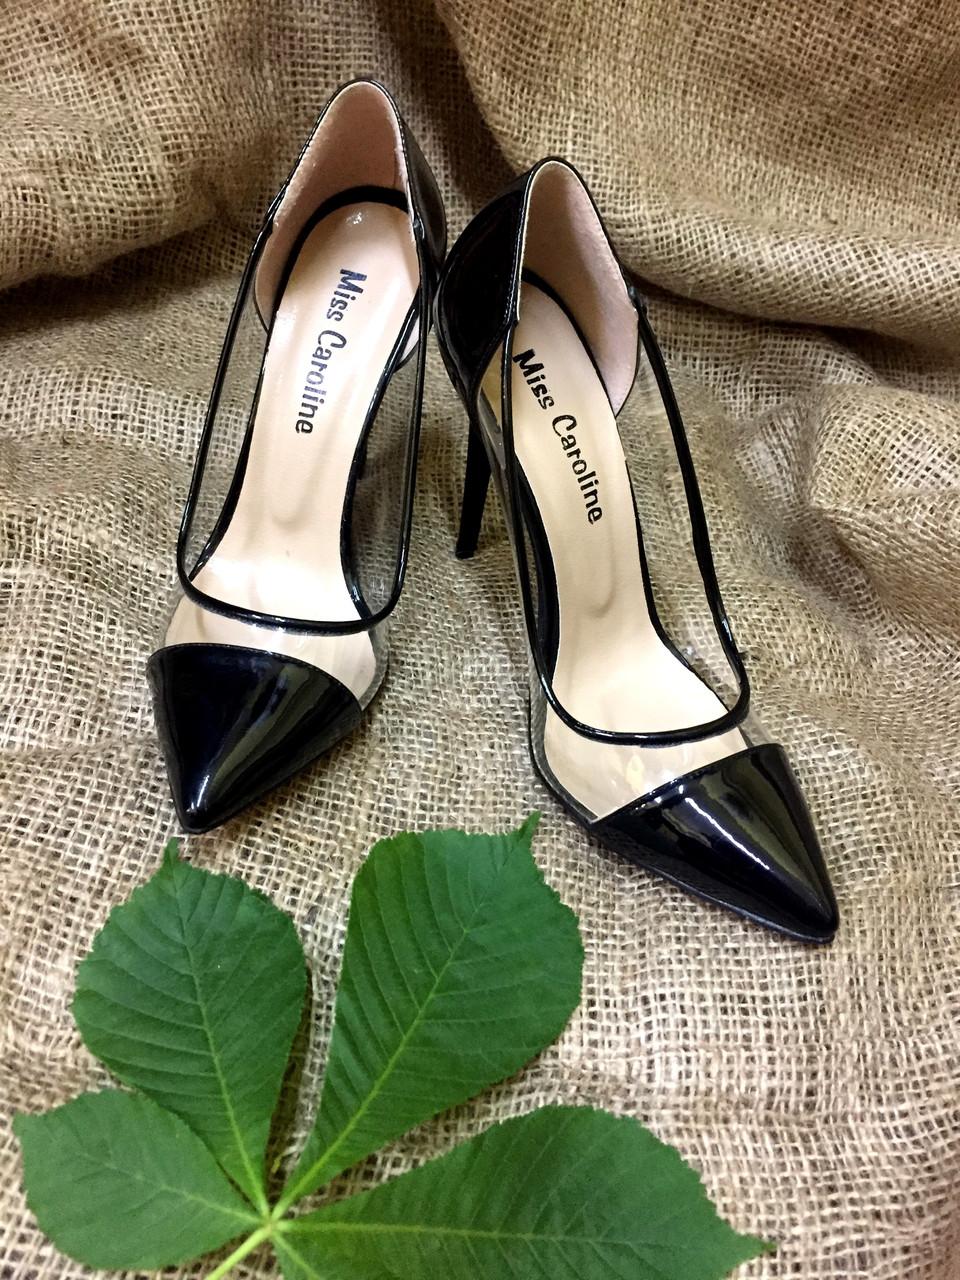 736c08f451f1 Туфли женские на каблуке шпилька цвет черный  продажа, цена в ...